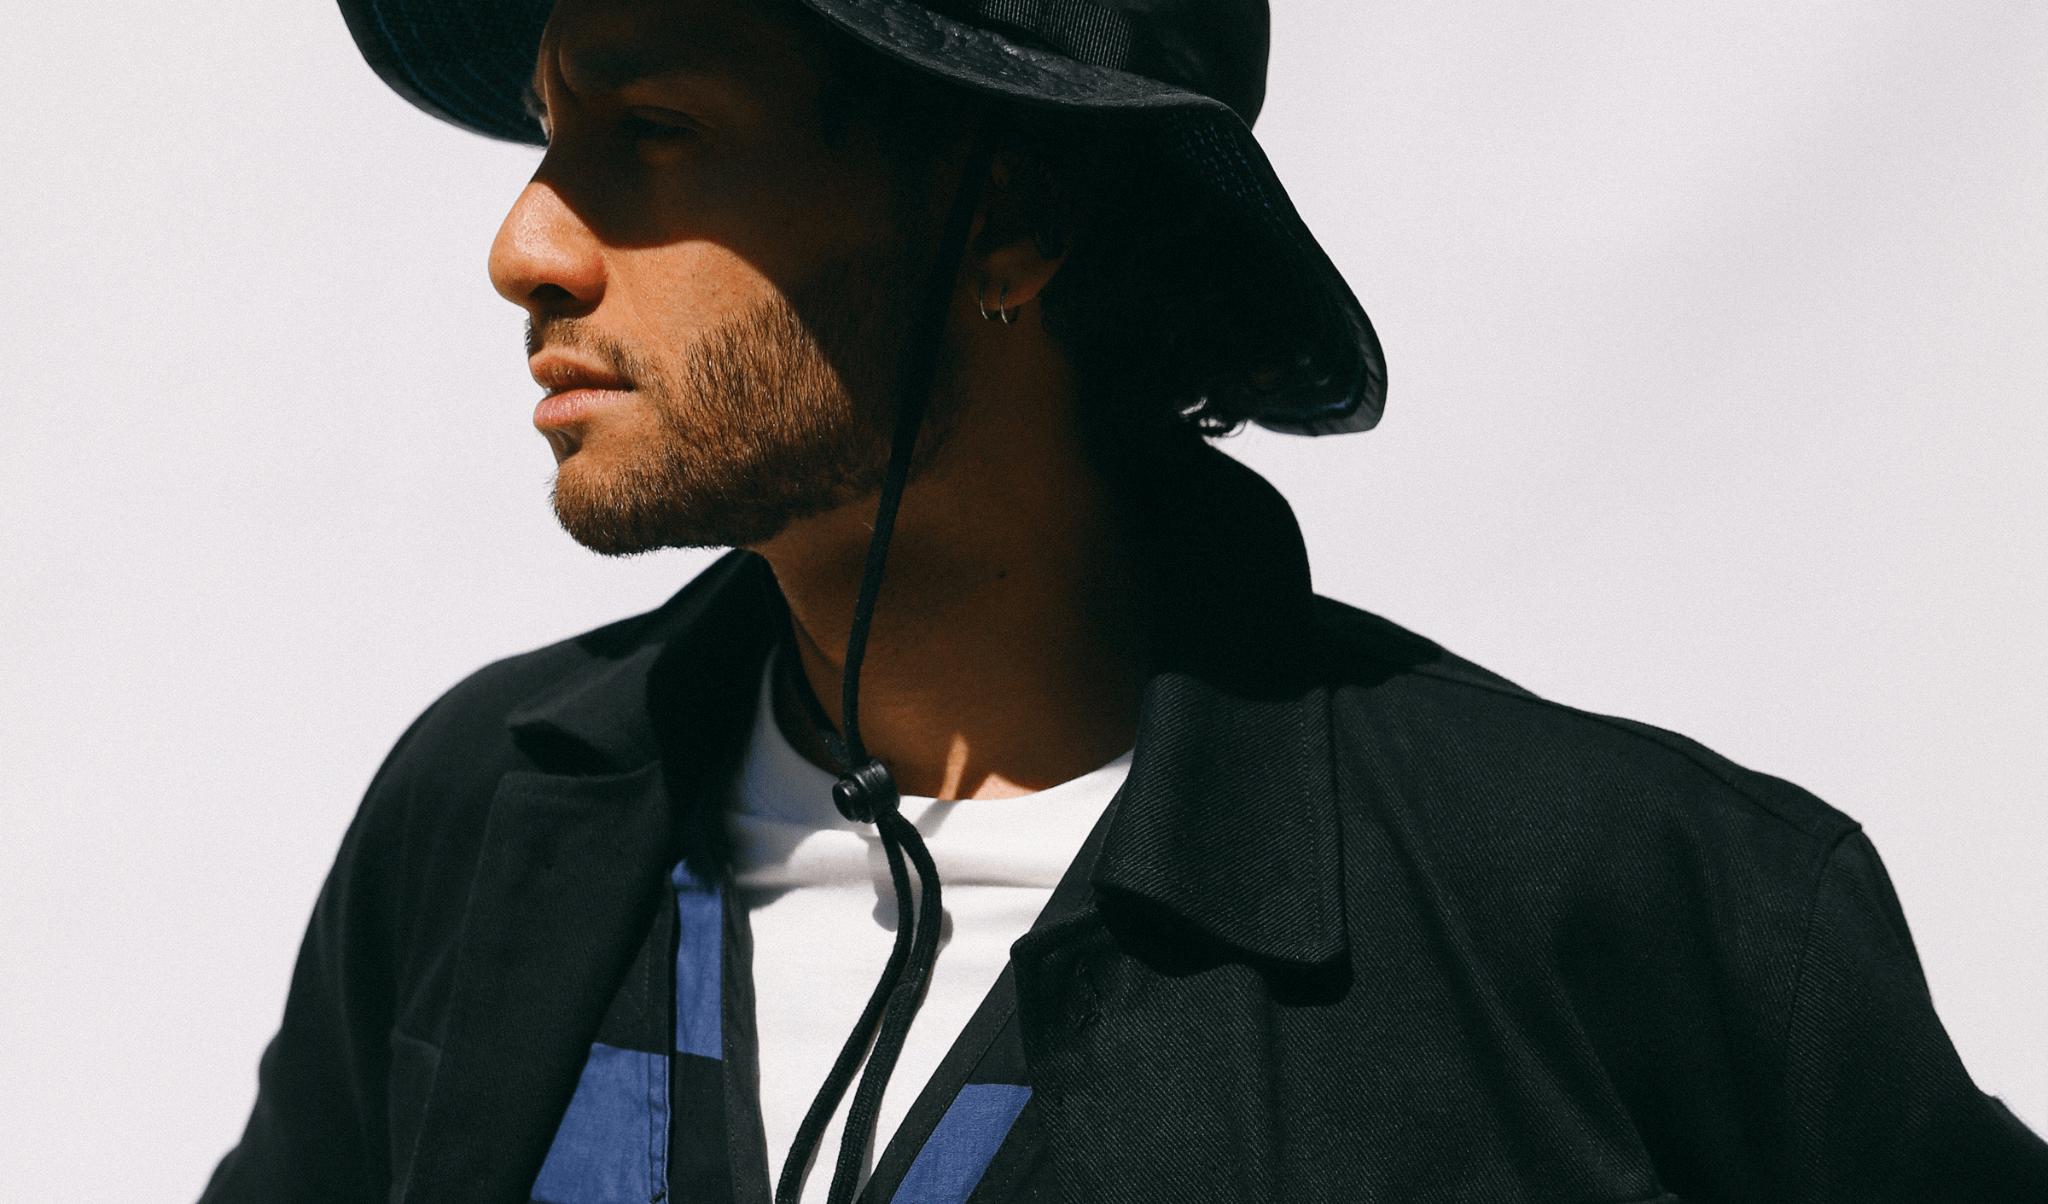 Highlight: Summer jackets